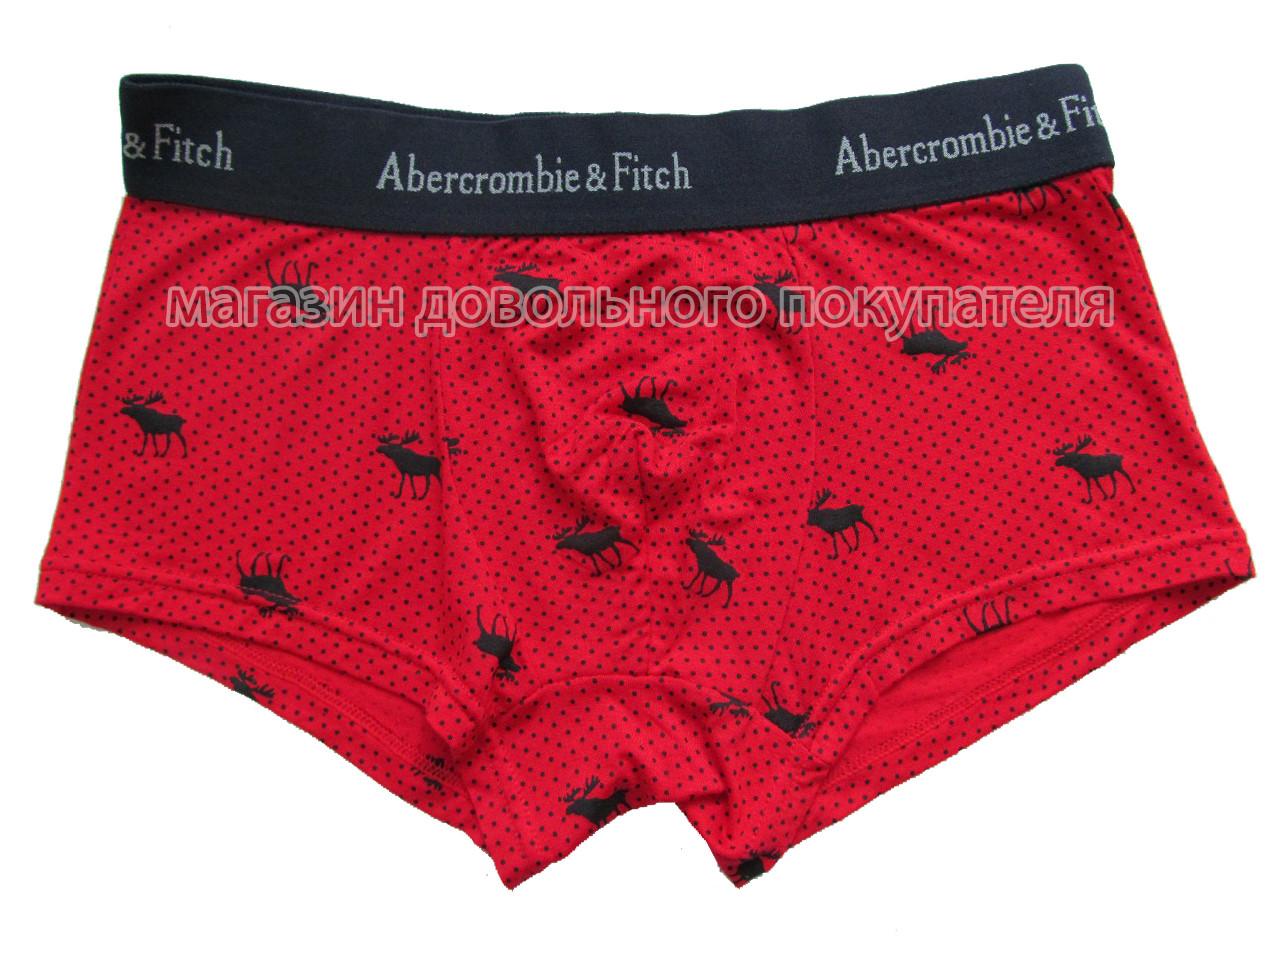 Мужские трусы хипсы Abercrombie&Fitch (реплика) красные